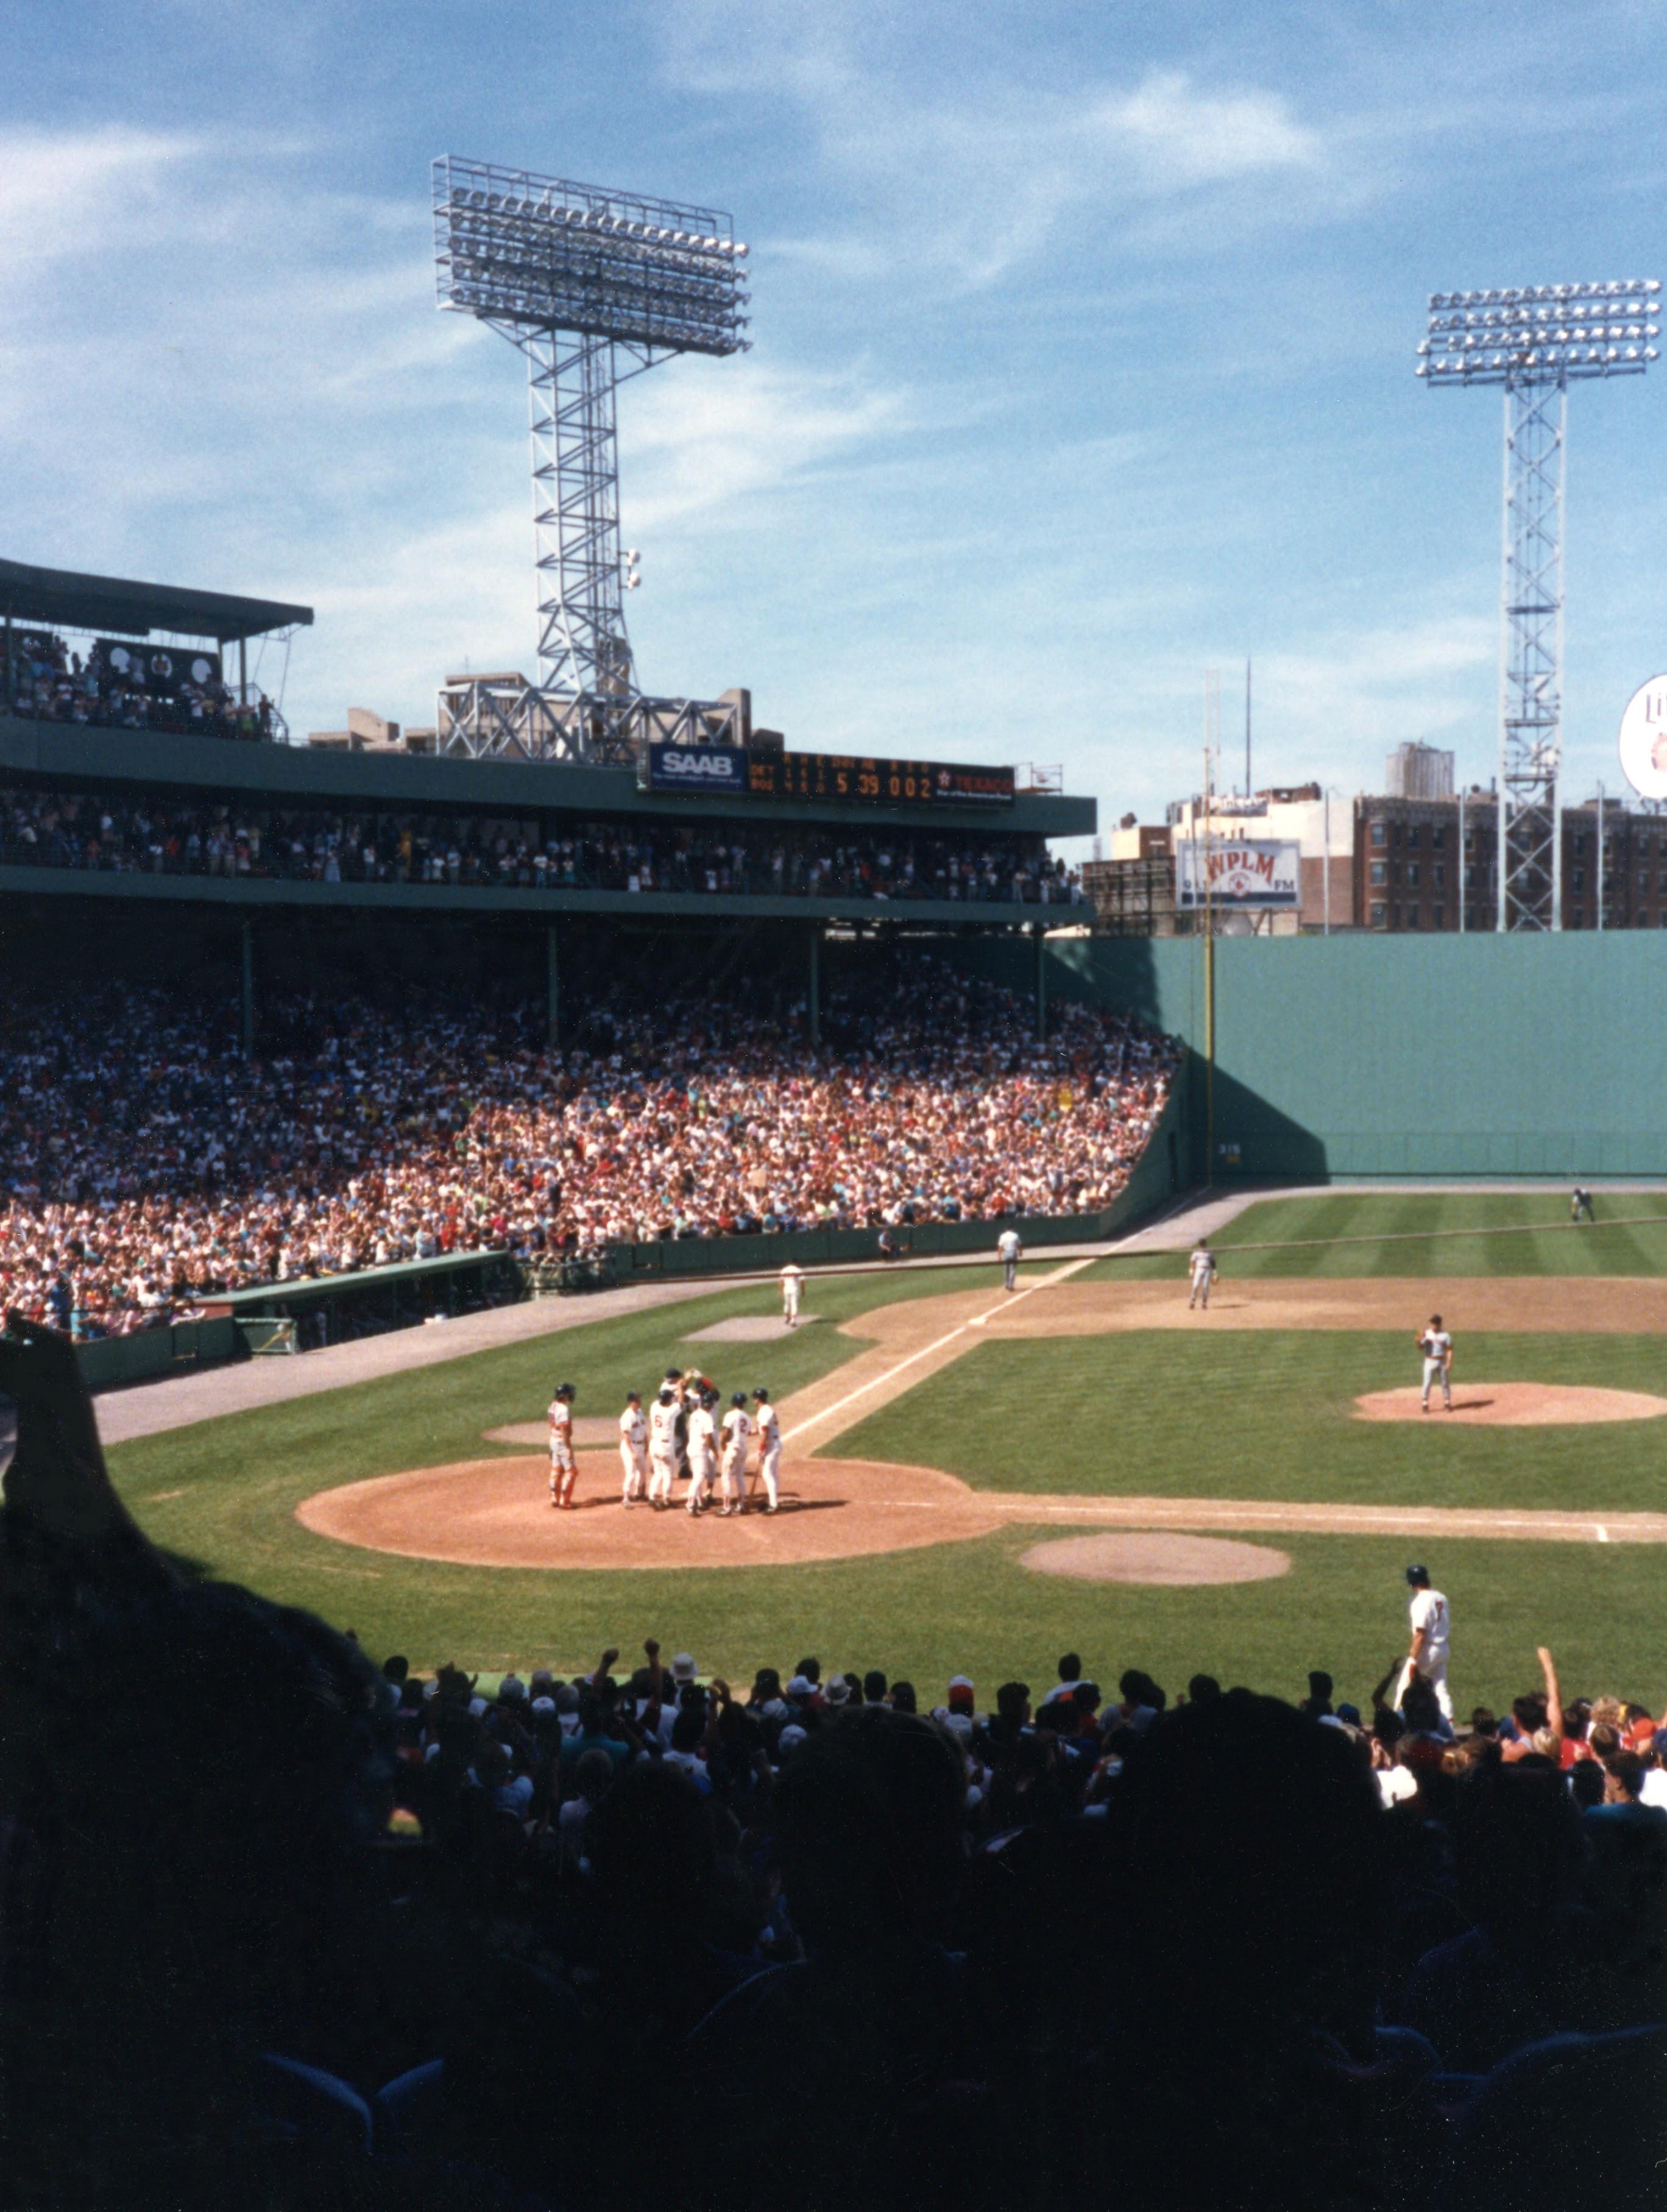 1989 Boston Red Sox baseball game at Fenway Park